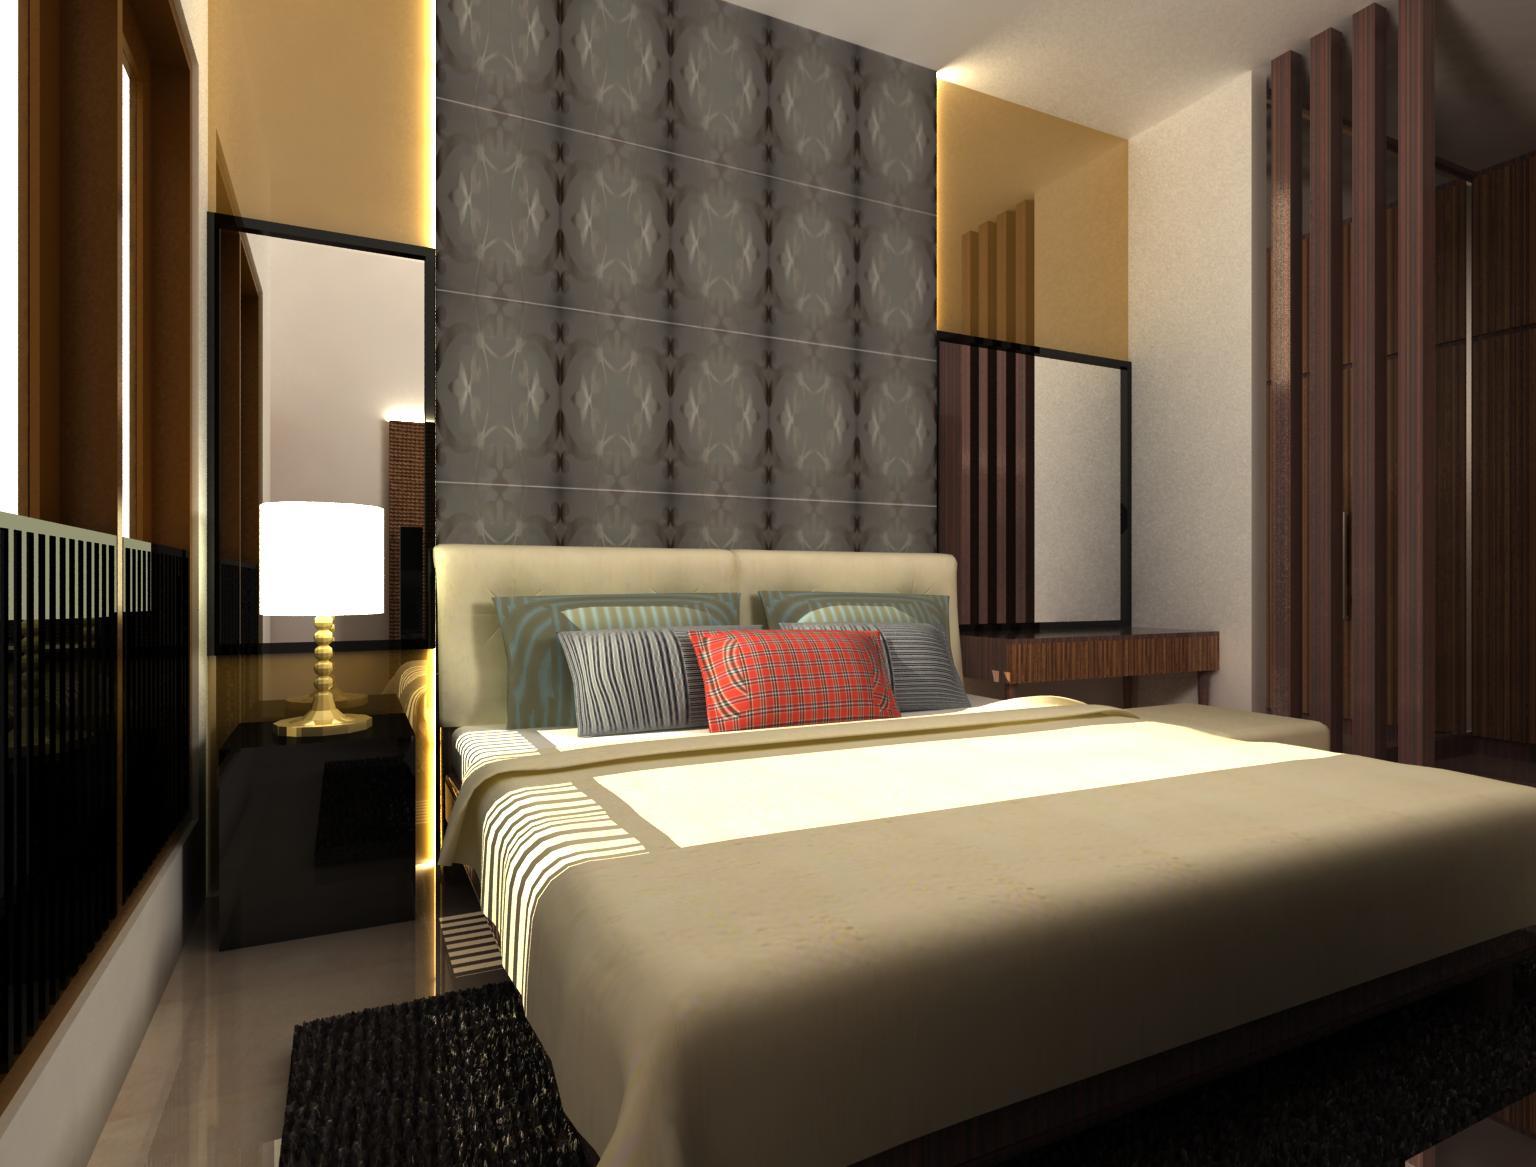 60 desain kamar tidur utama ukuran kecil dengan konsep minimalis